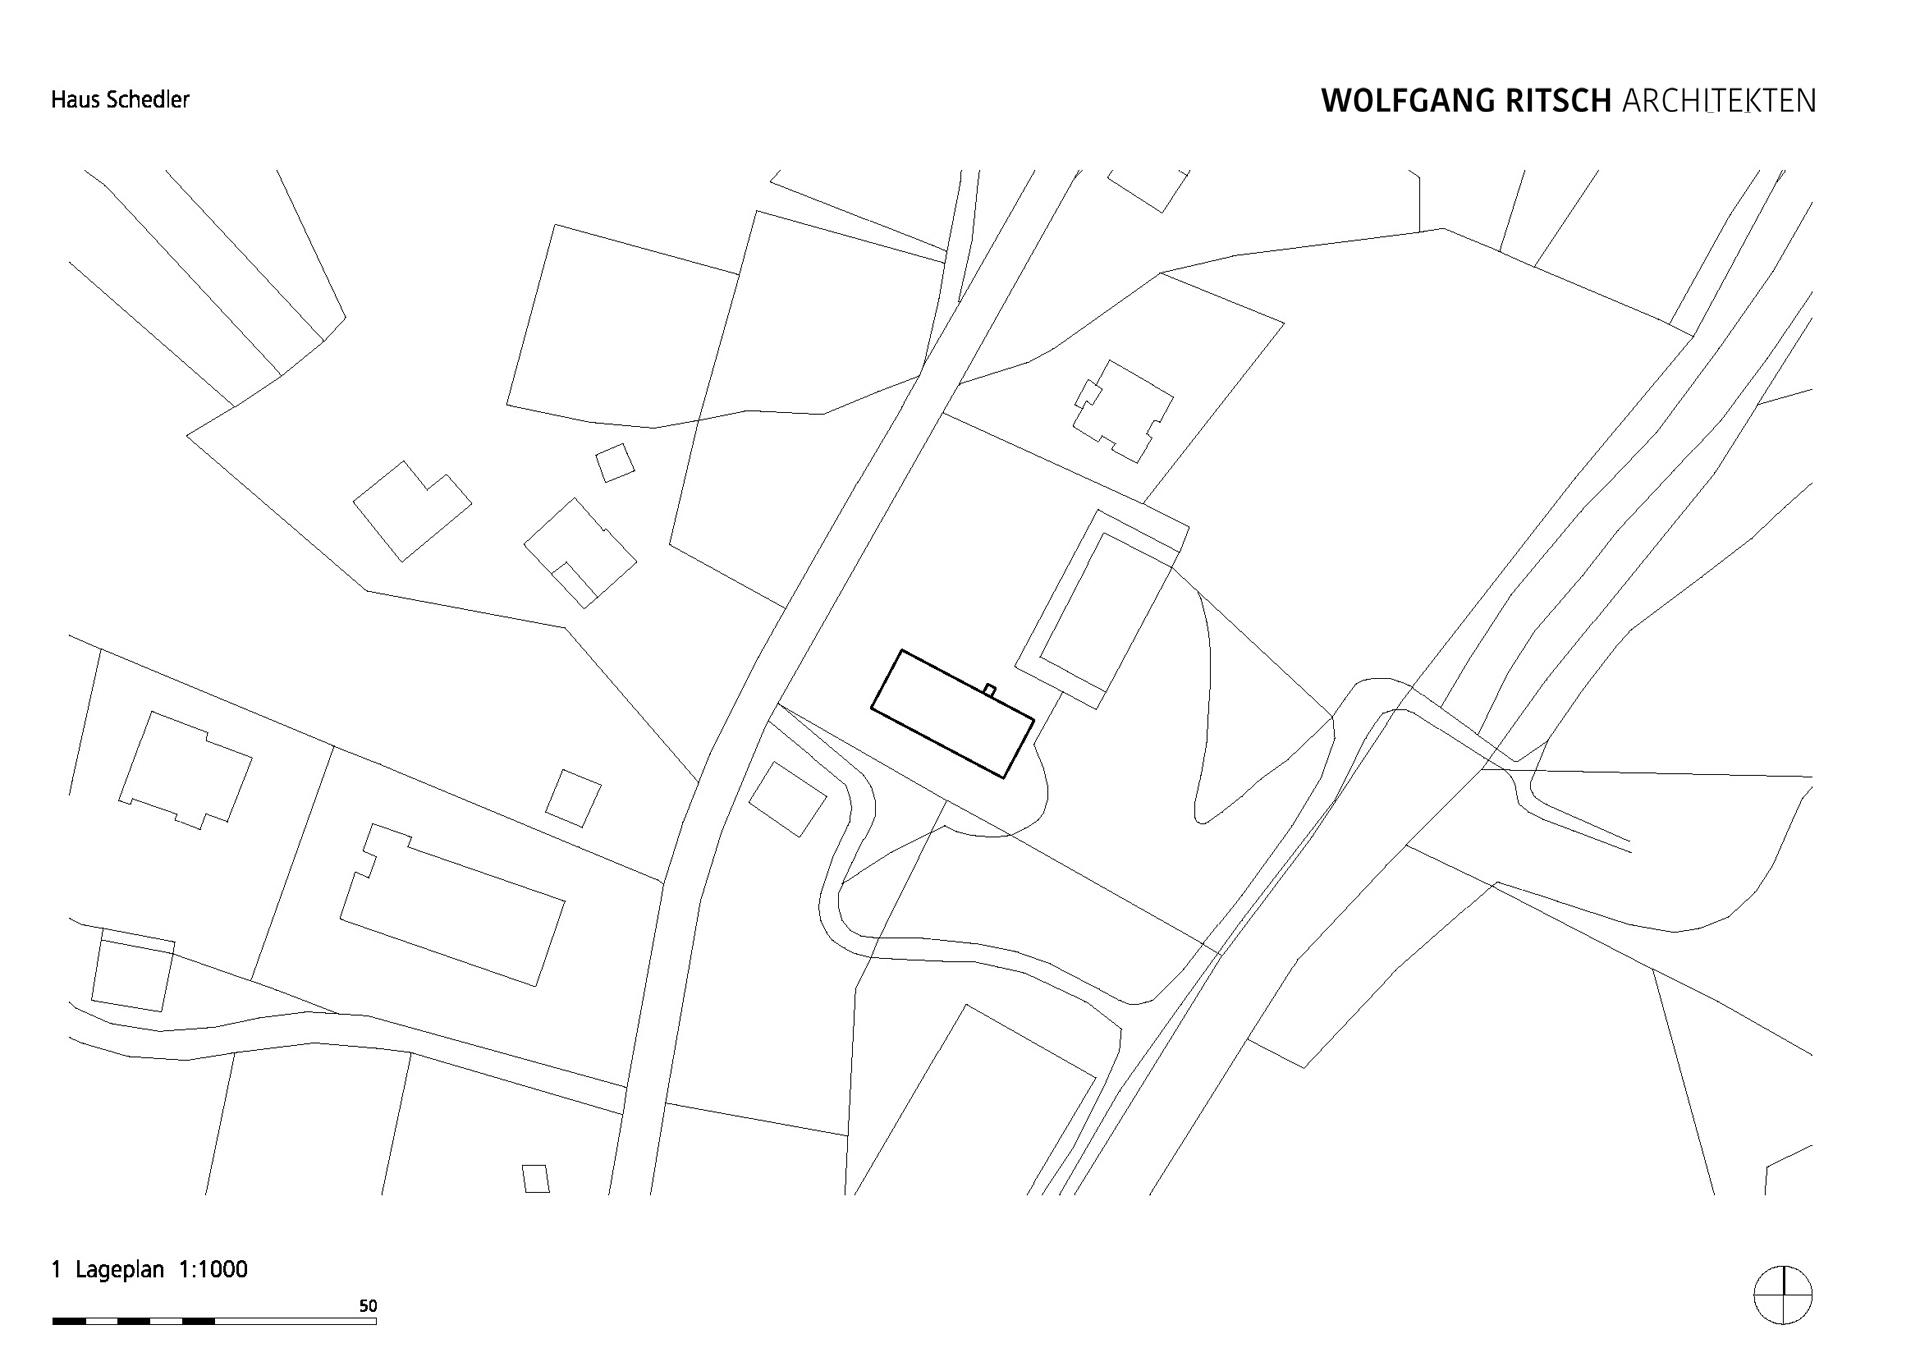 2500_EFH Haus Schedler_PLAN_900_Lageplan 1000 Kopie